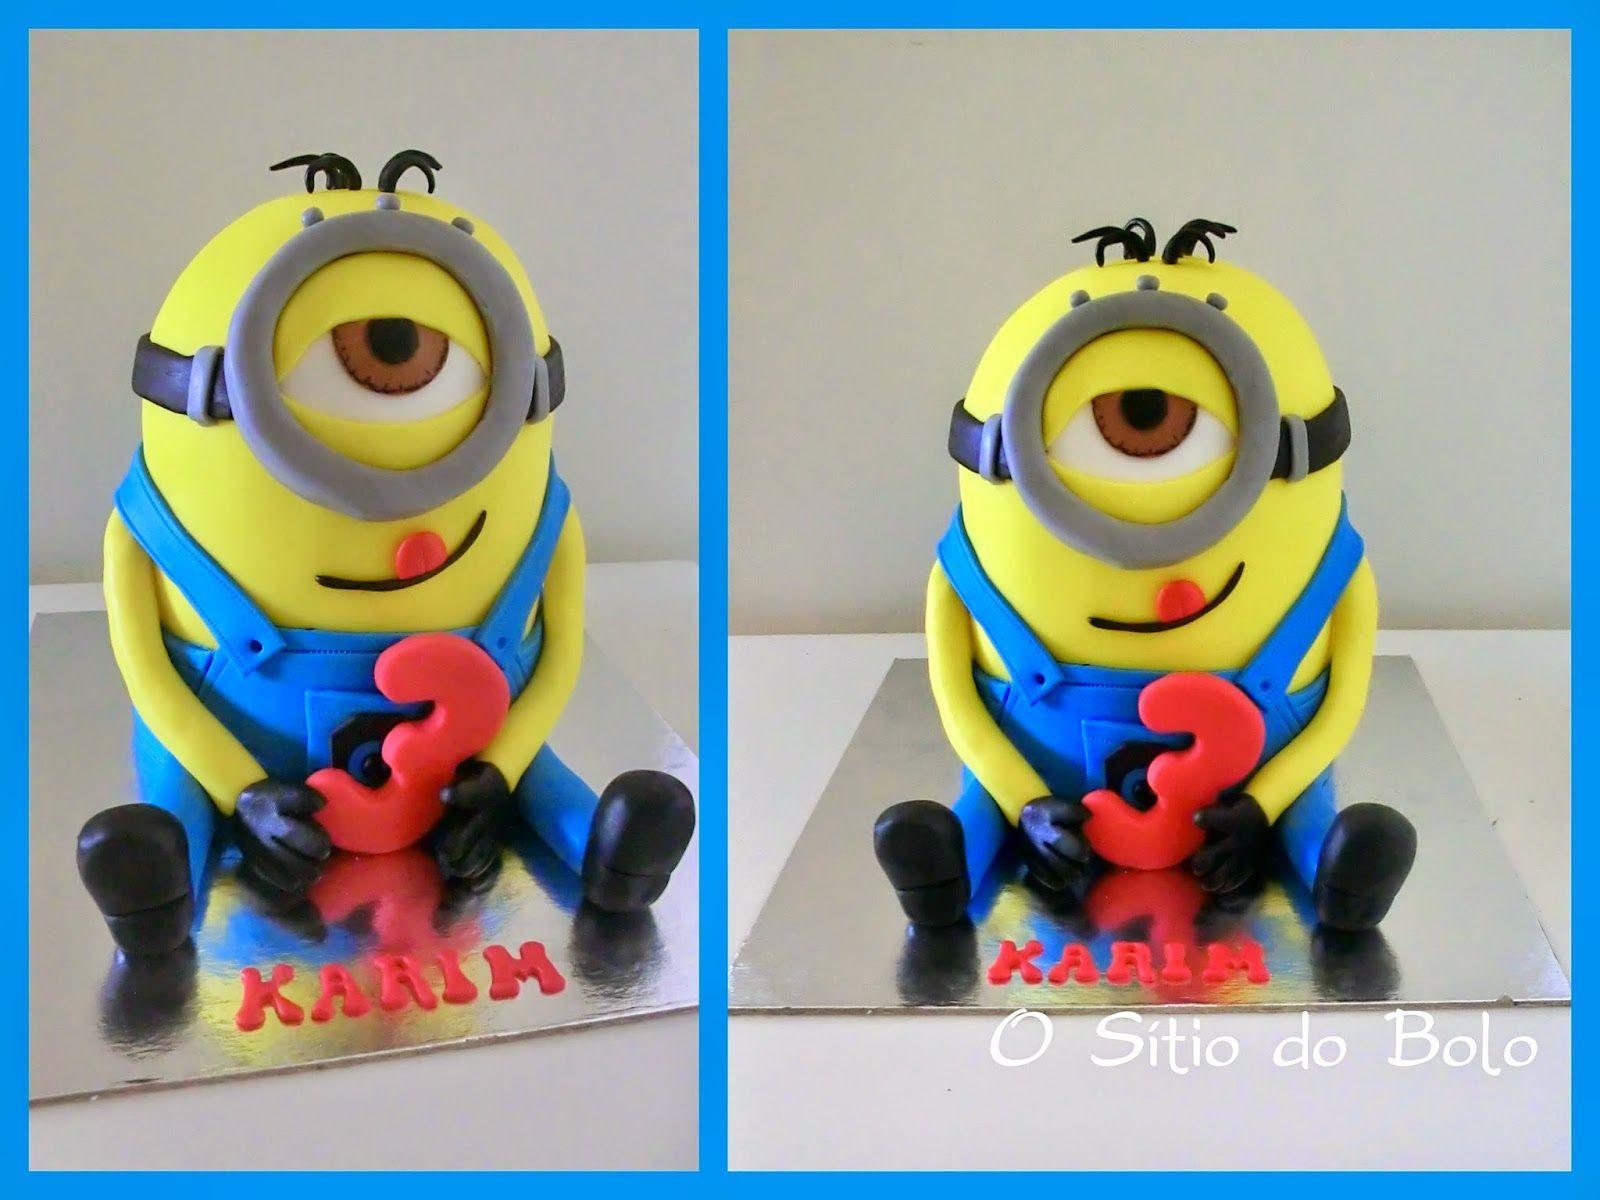 O sitio do bolo: Minion cake/ O bolo do Karim, em forma de Minion